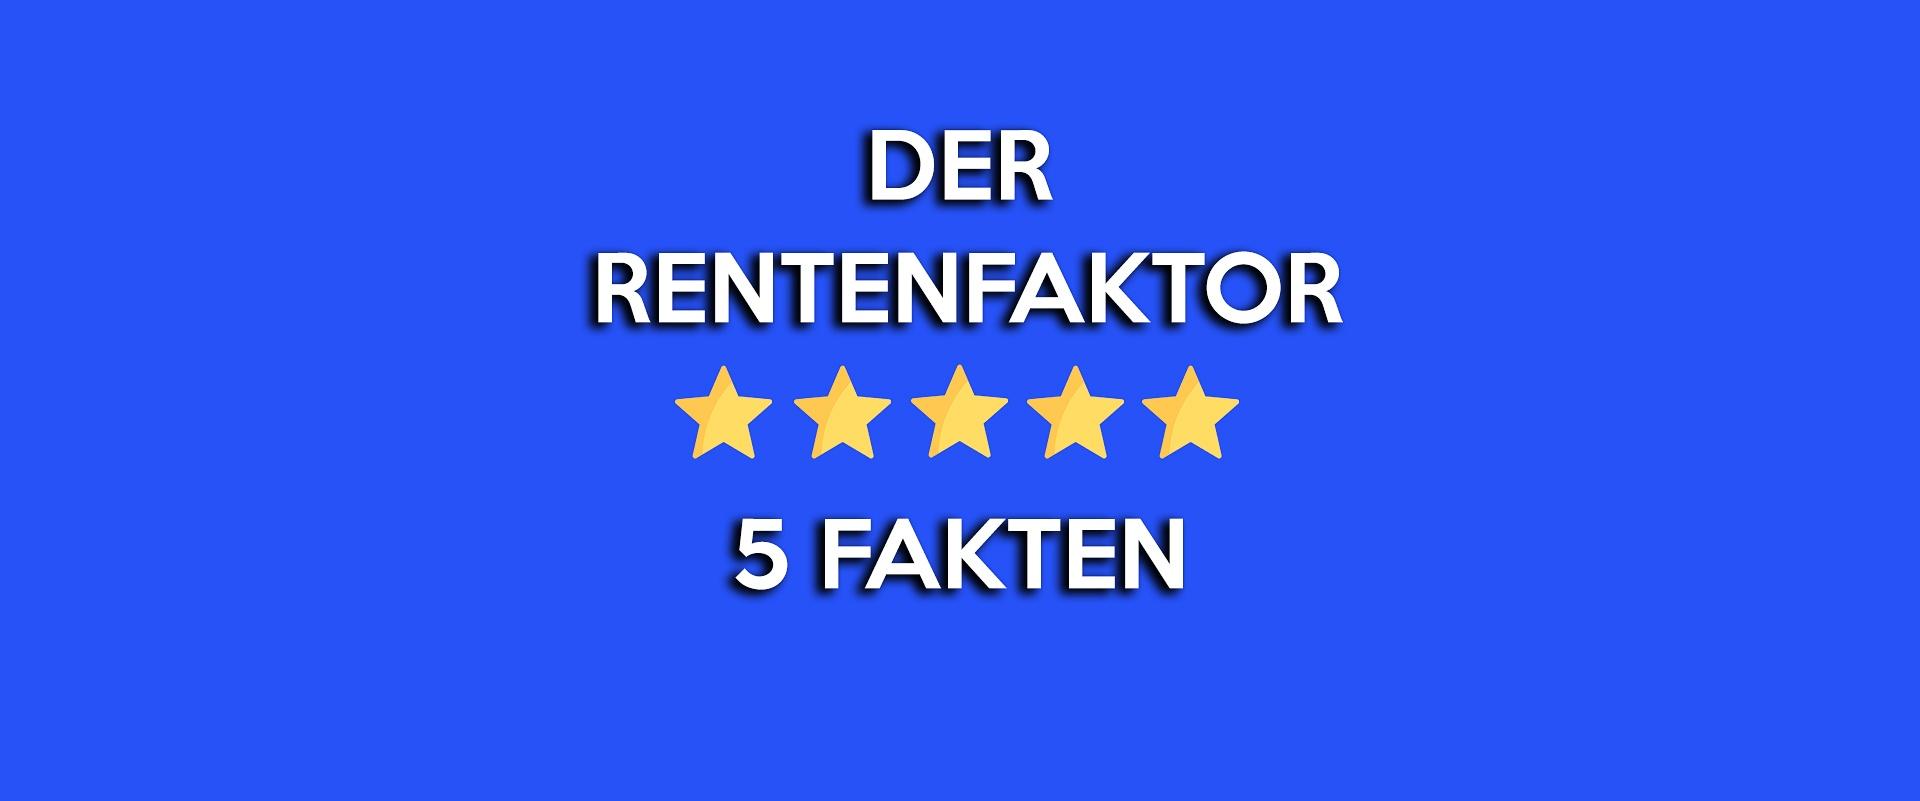 rentenfaktor_rentengarantiefaktor_private_rentenversicherung_wichtig